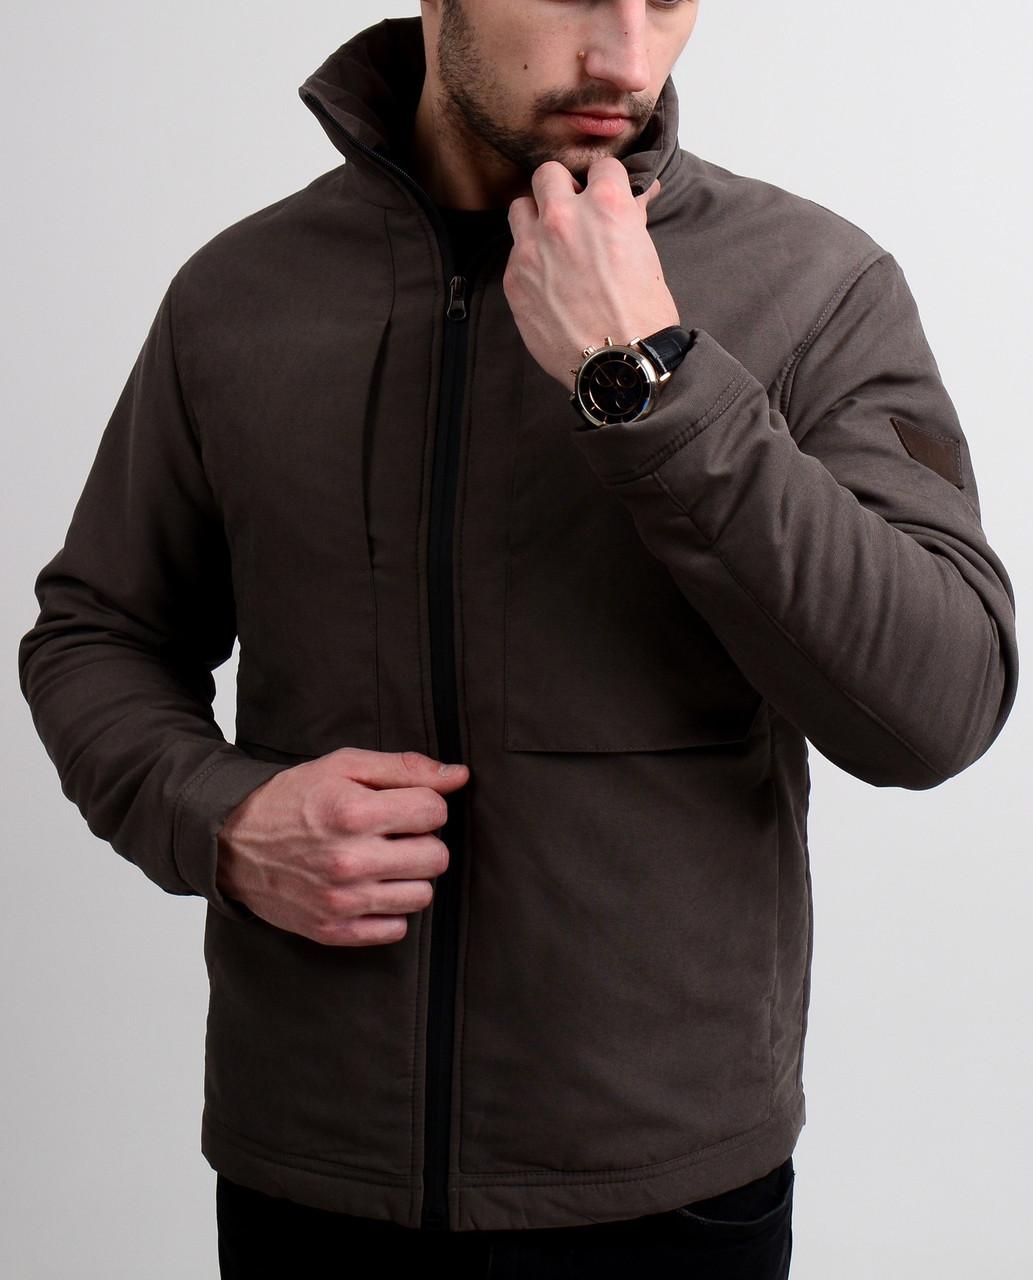 Весенняя мужская куртка Slimtex беж, последний размер XL